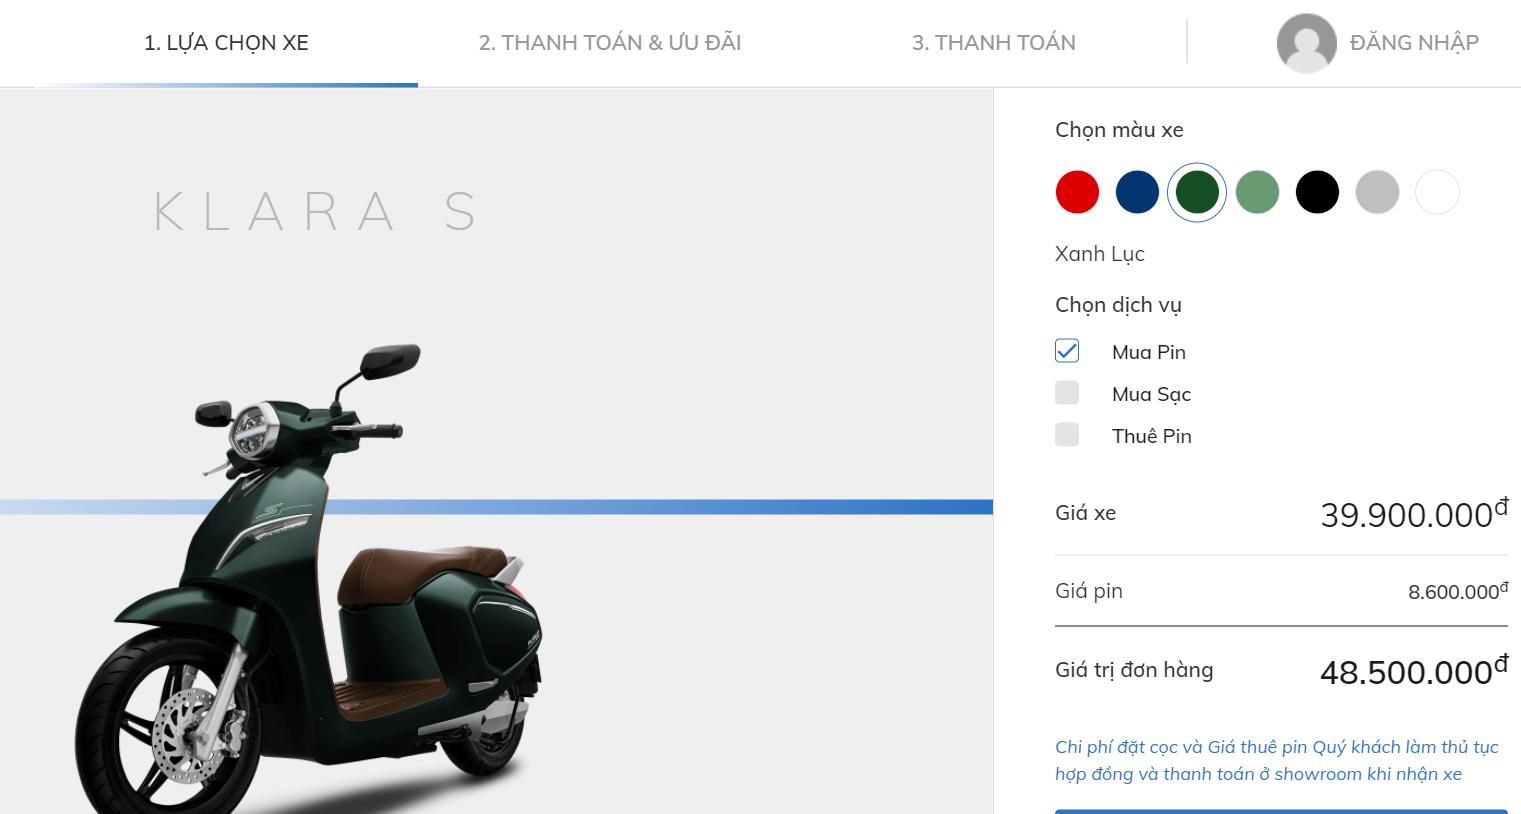 Mua xe máy điện Vinfast online với vài bước đơn giản (Nguồn: CTV cap màn hình)